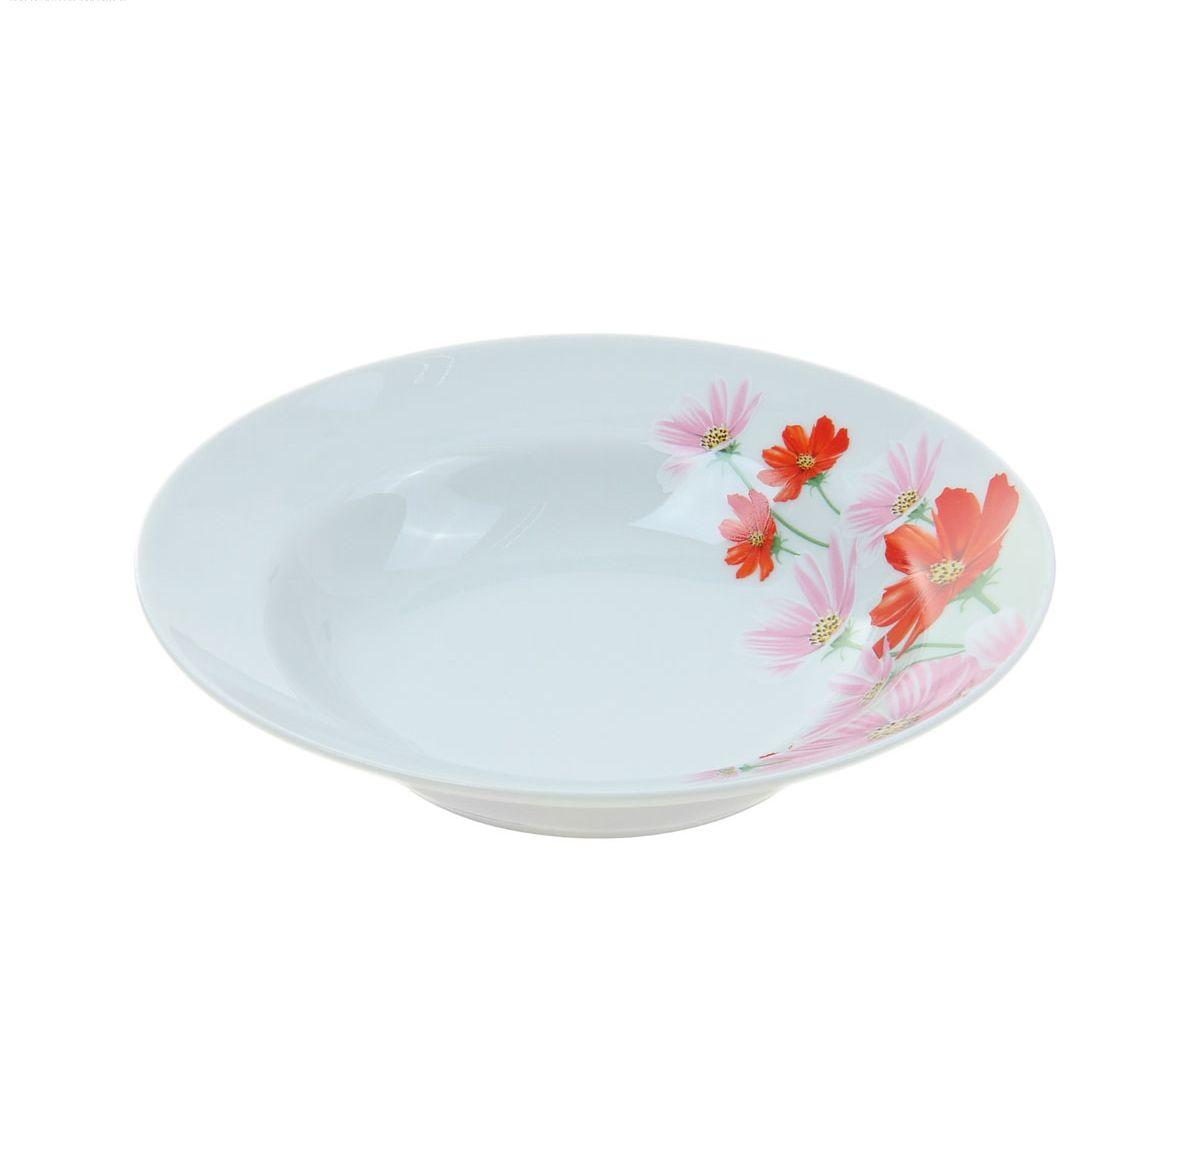 Тарелка глубокая Идиллия. Космея, диаметр 20 см1035462Глубокая тарелка Идиллия. Космея выполнена из высококачественного фарфора и украшена ярким цветочным рисунком. Она прекрасно впишется в интерьер вашей кухни и станет достойным дополнением к кухонному инвентарю. Тарелка Идиллия. Космея подчеркнет прекрасный вкус хозяйки и станет отличным подарком. Диаметр тарелки: 20 см.